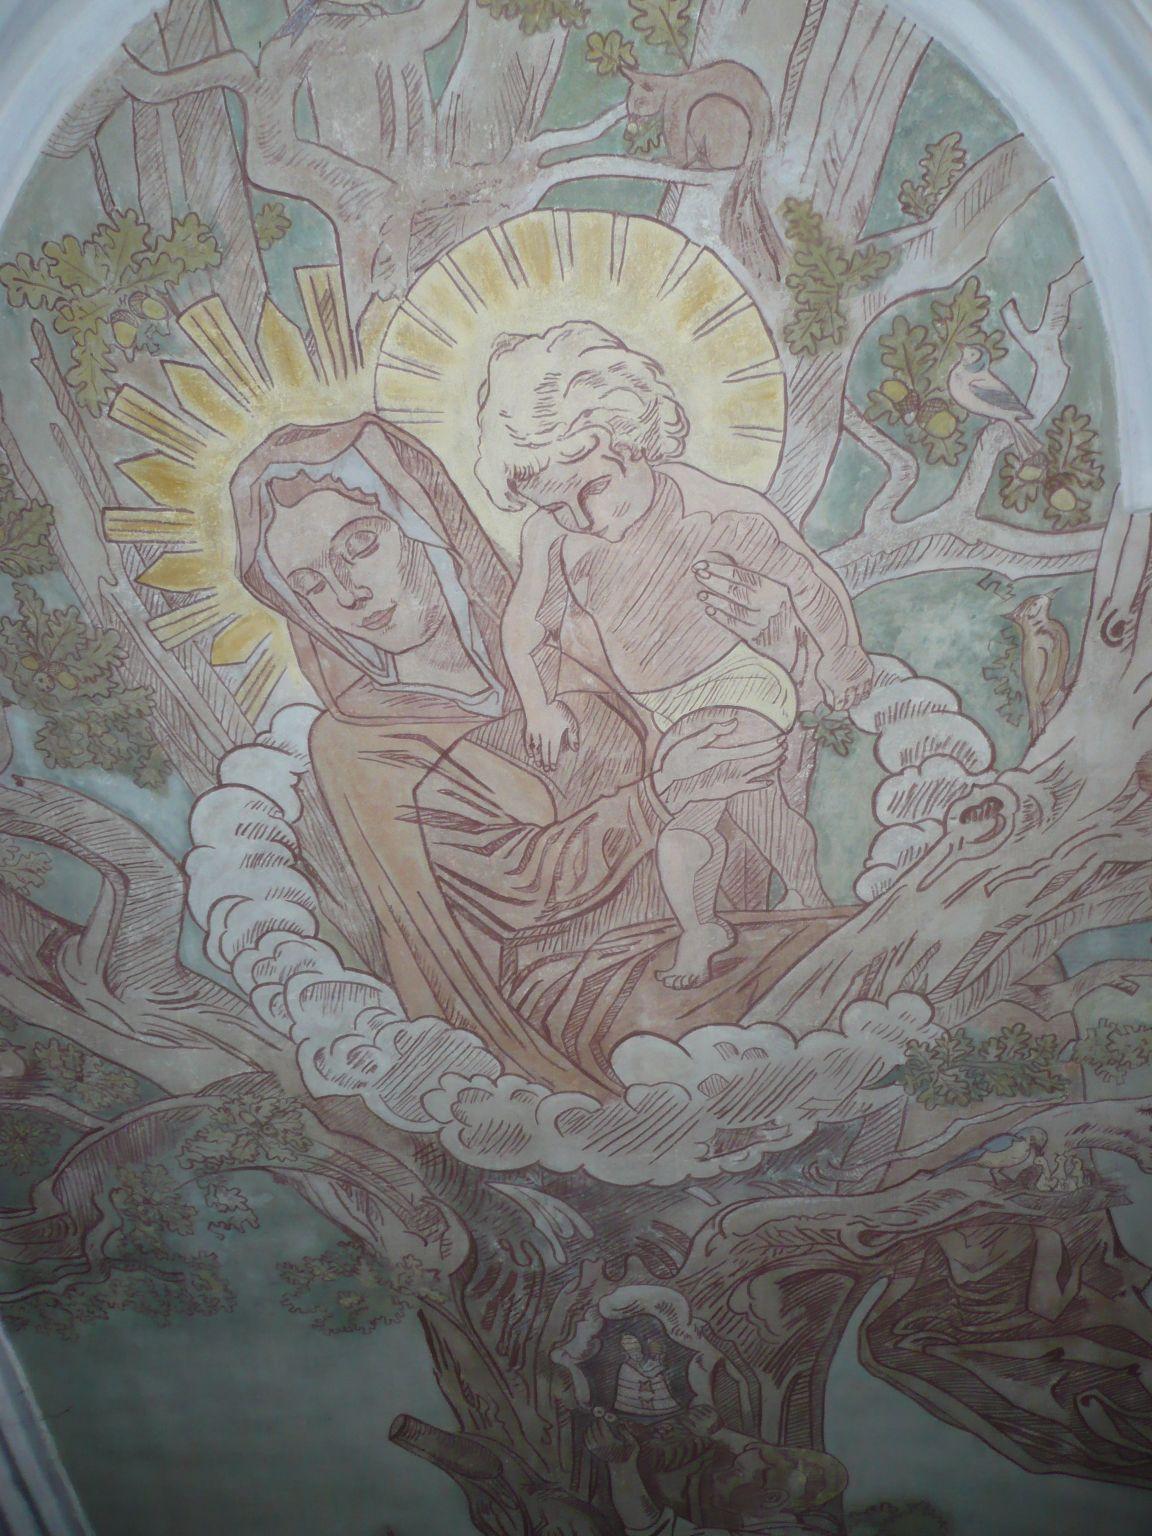 سياحة دينية ـديـــر ماريـــا آيـــش 652134054